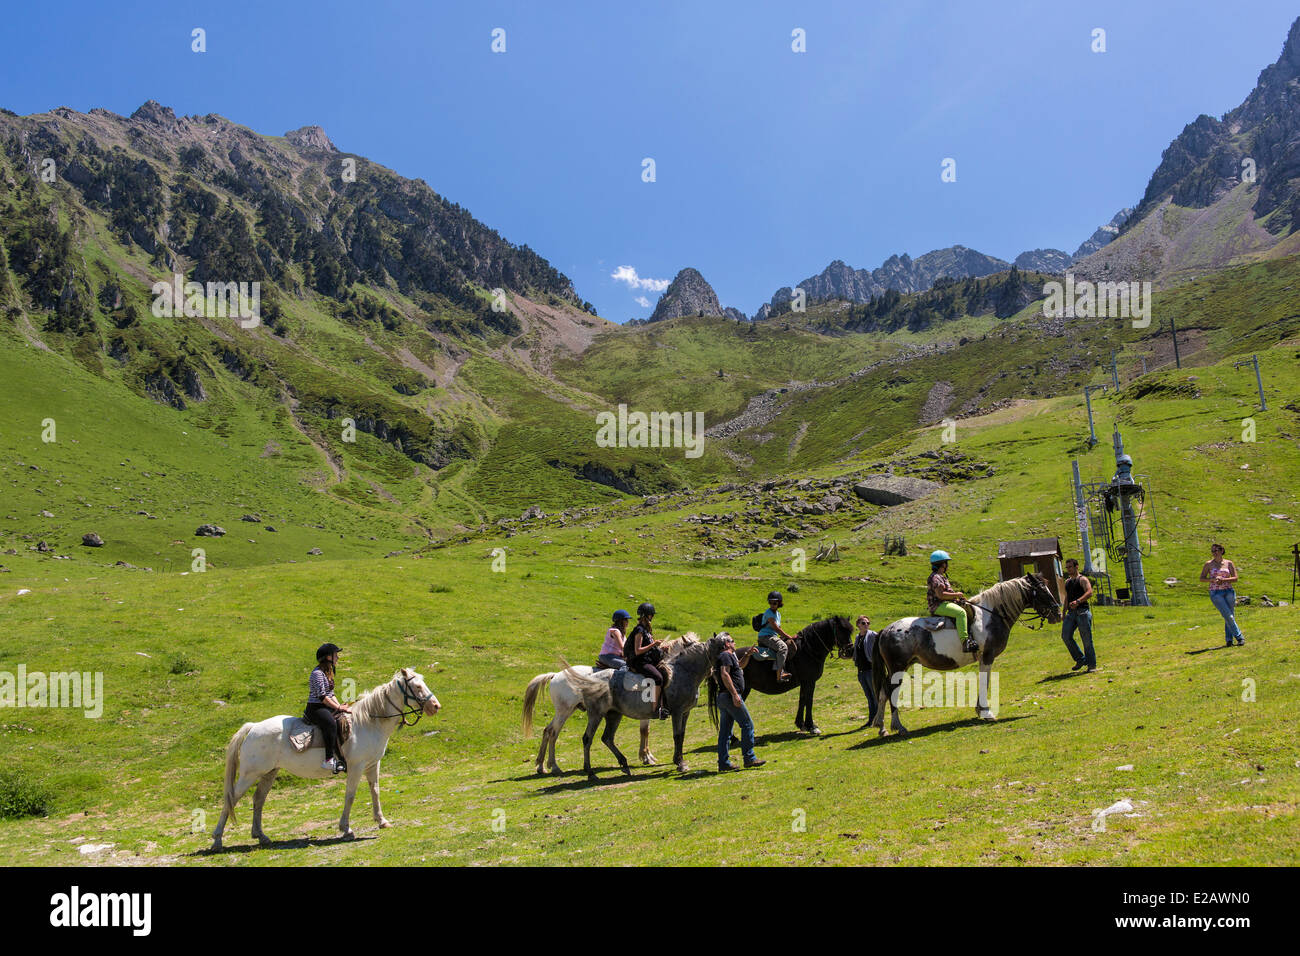 France, Hautes Pyrenees, Bagneres de Bigorre, La Mongie, pony trekking Stock Photo